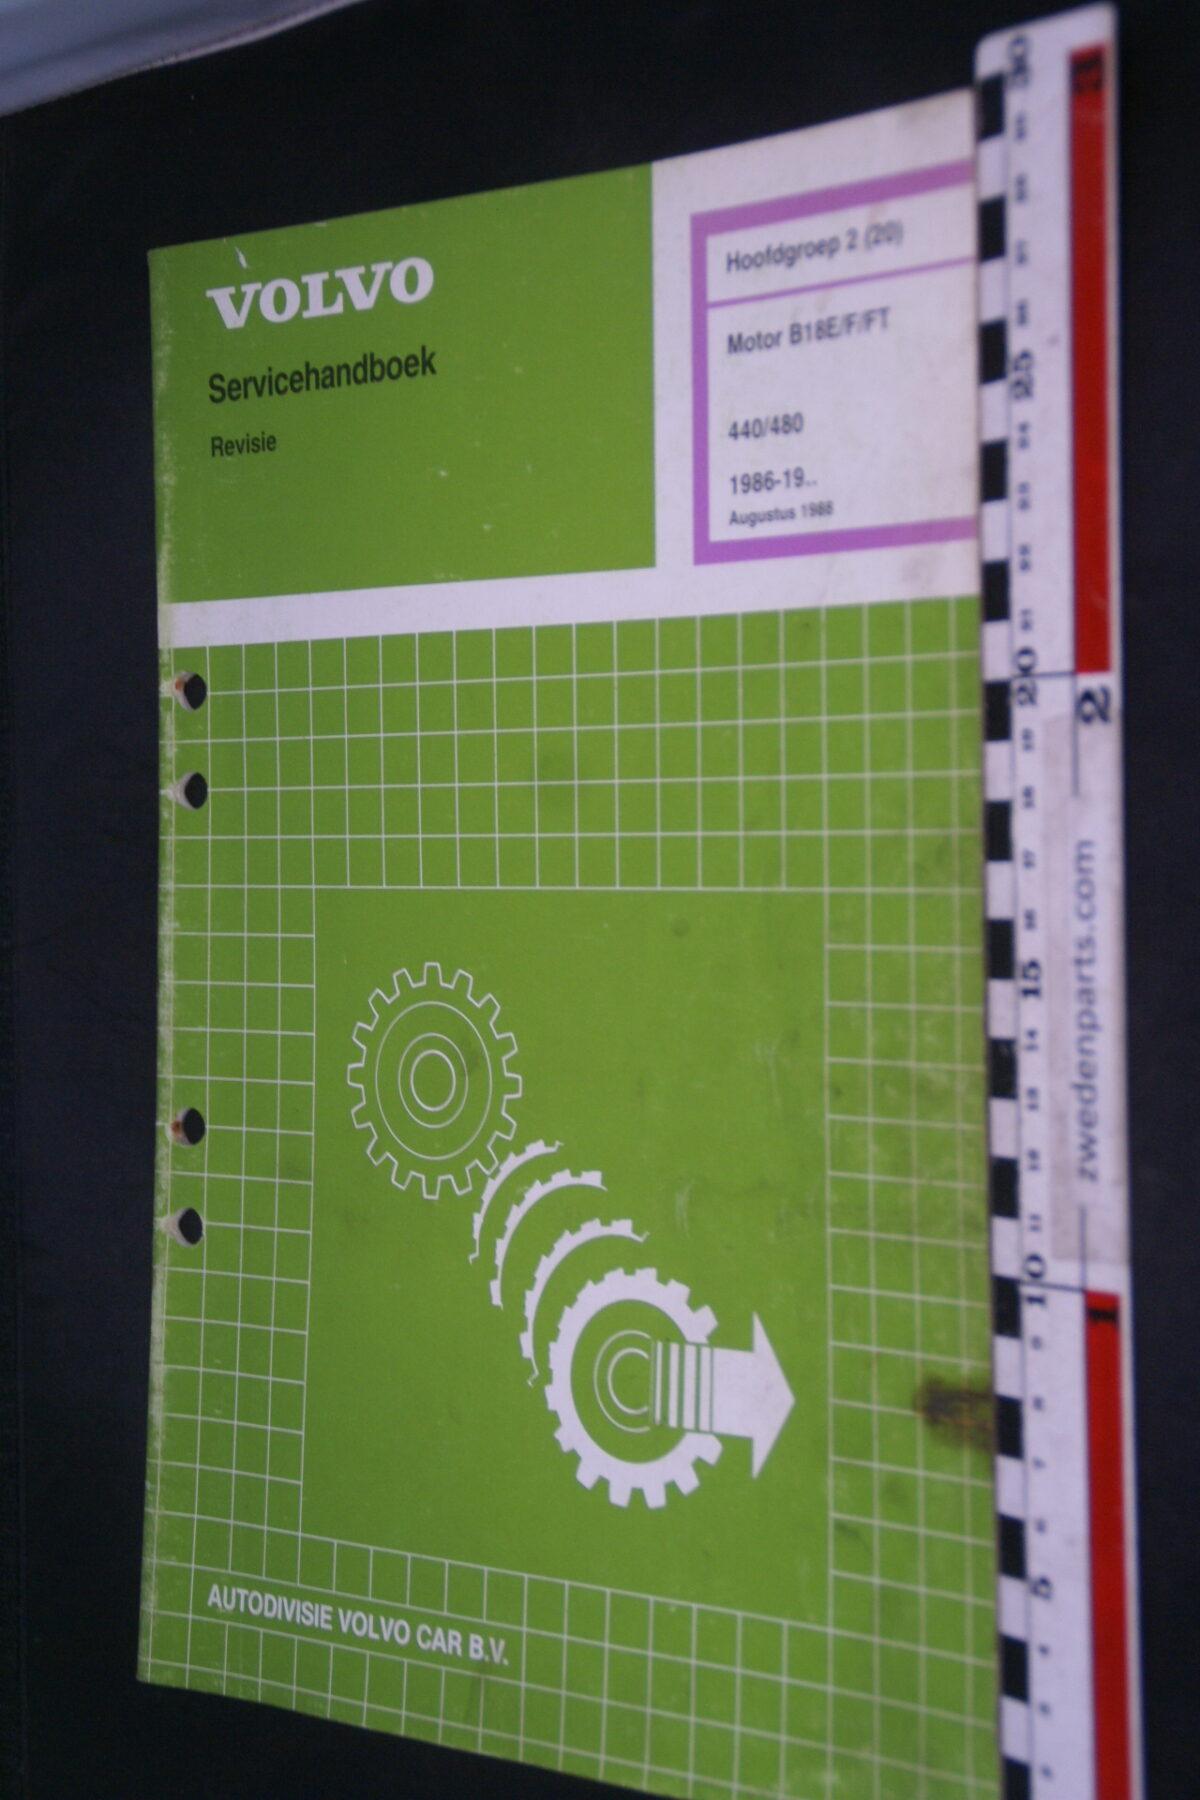 DSC09066 1988 origineel  Volvo 440 460 servicehandboek motor B18 E F FT 2 (20) 1 van 1.000 nr TP 35461-1